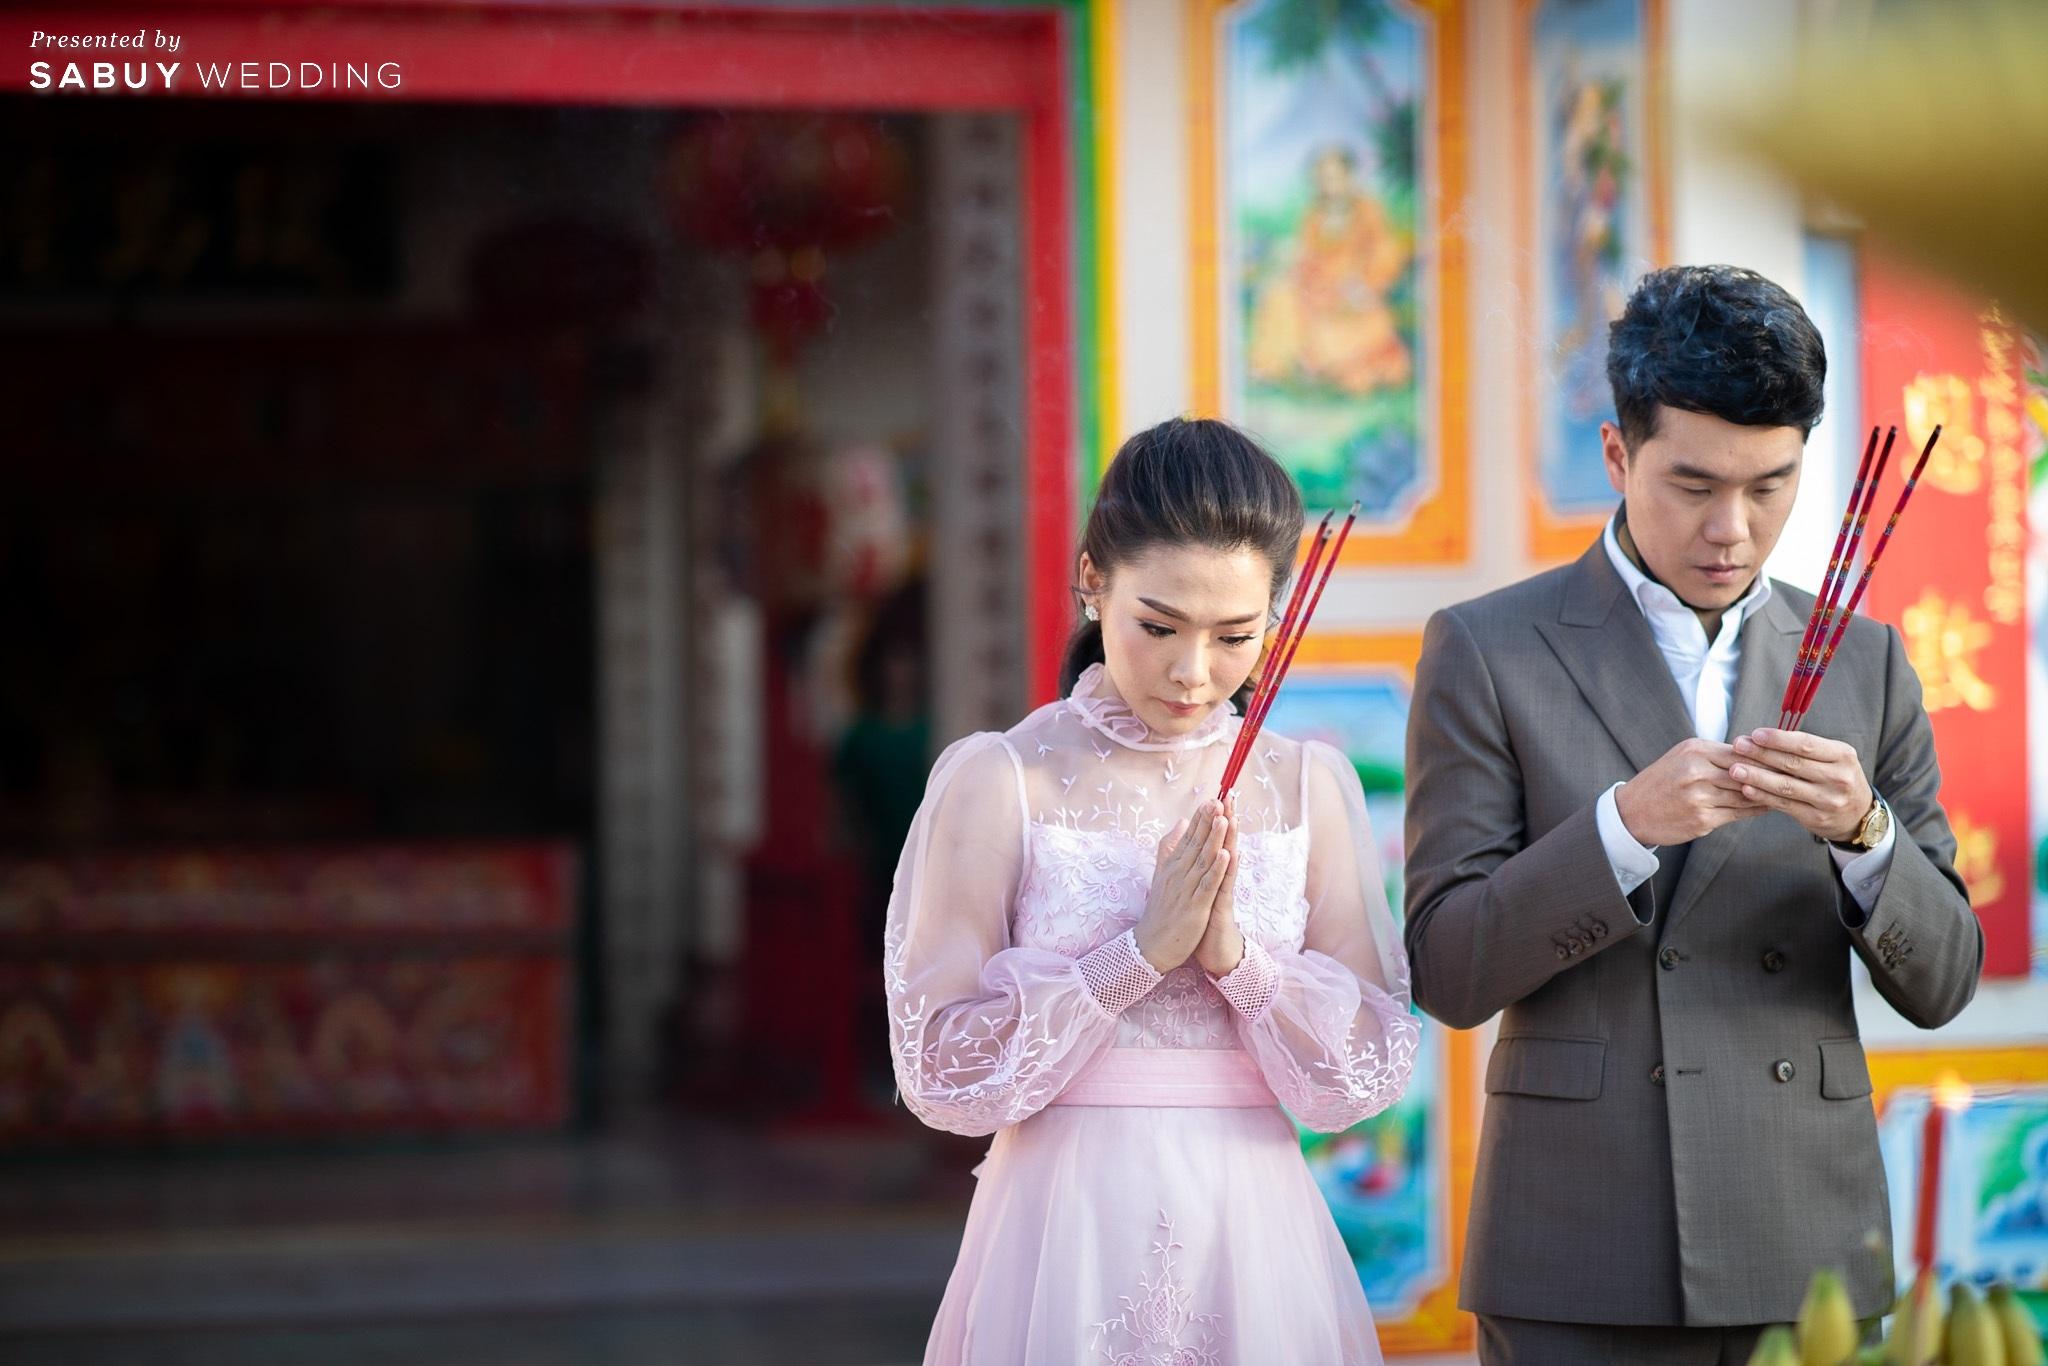 เจ้าบ่าว,เจ้าสาว,แต่งงาน รีวิวงานแต่ง 2 สถานที่ สวยดูดีสไตล์ Vintage Chinese Modern @ หอประชุมศาลเจ้าแม่ทับทิม